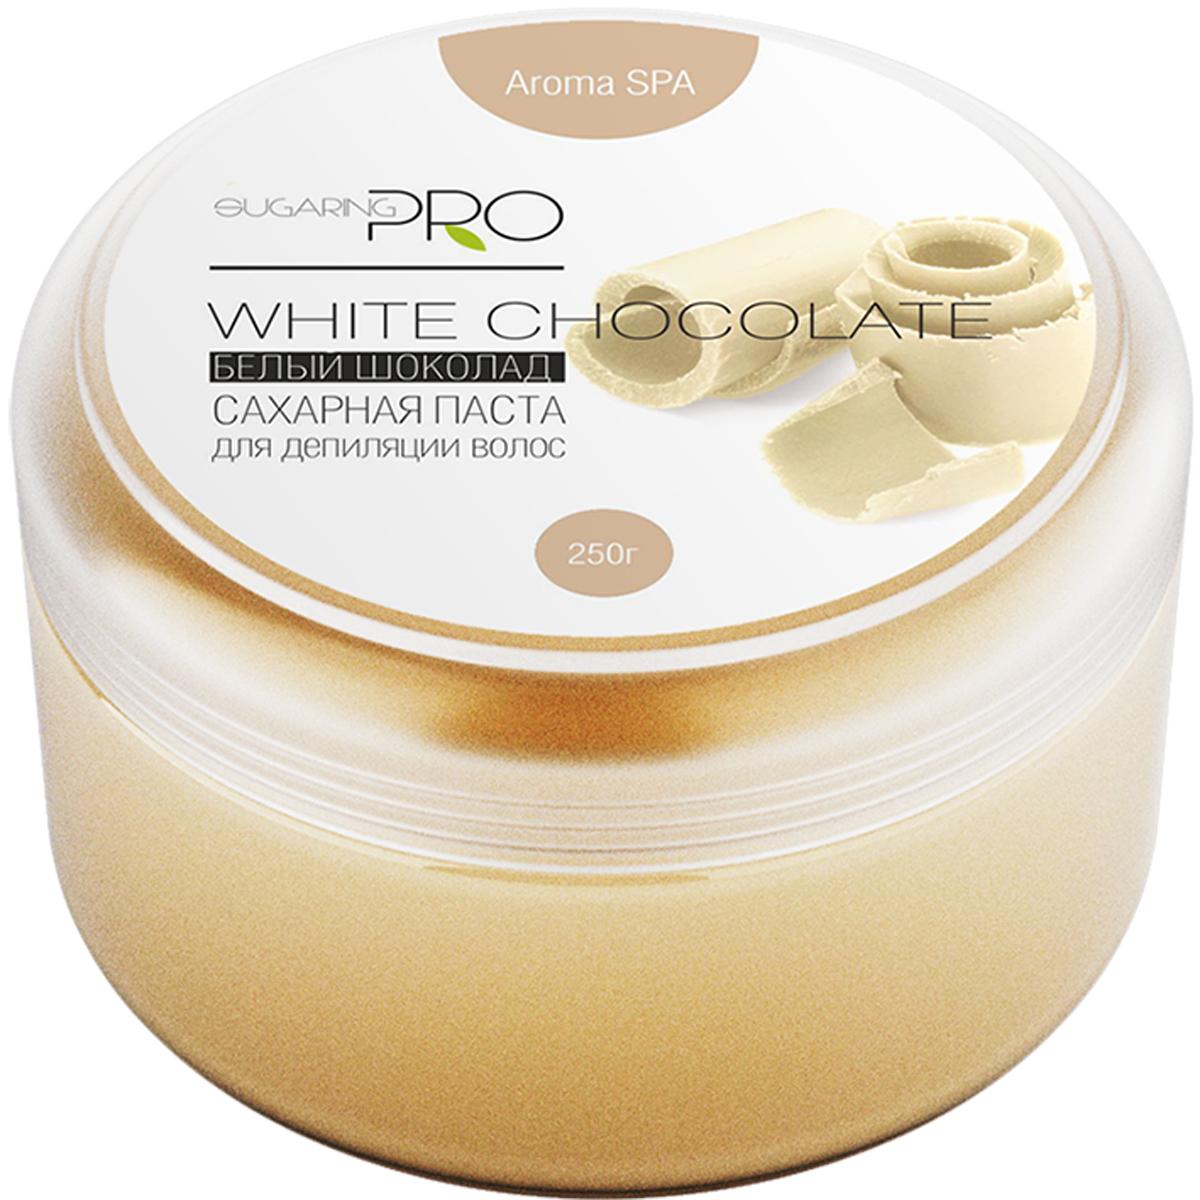 Сахарная паста SUGARING PRO Белый шоколад универсальная , 250 гУТ000008523Белый шоколад помогает повысить настроение и избавится от депрессии. Не содержит кофеина. Гипоаллергенен.Универсальная сахарная паста предназначена для депиляции всех типов волос (шугаринга) на любом участке кожи.При удалении волос не травмирует живые клетки кожи. Гипоаллергенна. Не вызывает раздражения. Эффекта хватаетна 3 – 4 недели. Постэпиляционный уход: Избегайте использования душистых увлажняющих кремов на обработанных участка,дезодорантов первые 24 часа после процедуры. Дезодорант можно заменить на тальк. Избегайте длительногопребывания на солнце или солярии. Желательно отказаться от посещения сауны и бассейна первые 24 час. Примечание: Продукт хранить в прохладном и сухом месте. Только для наружного применения. Гарантия качества: Товар сертифицирован. Прошел дерматологический контроль.